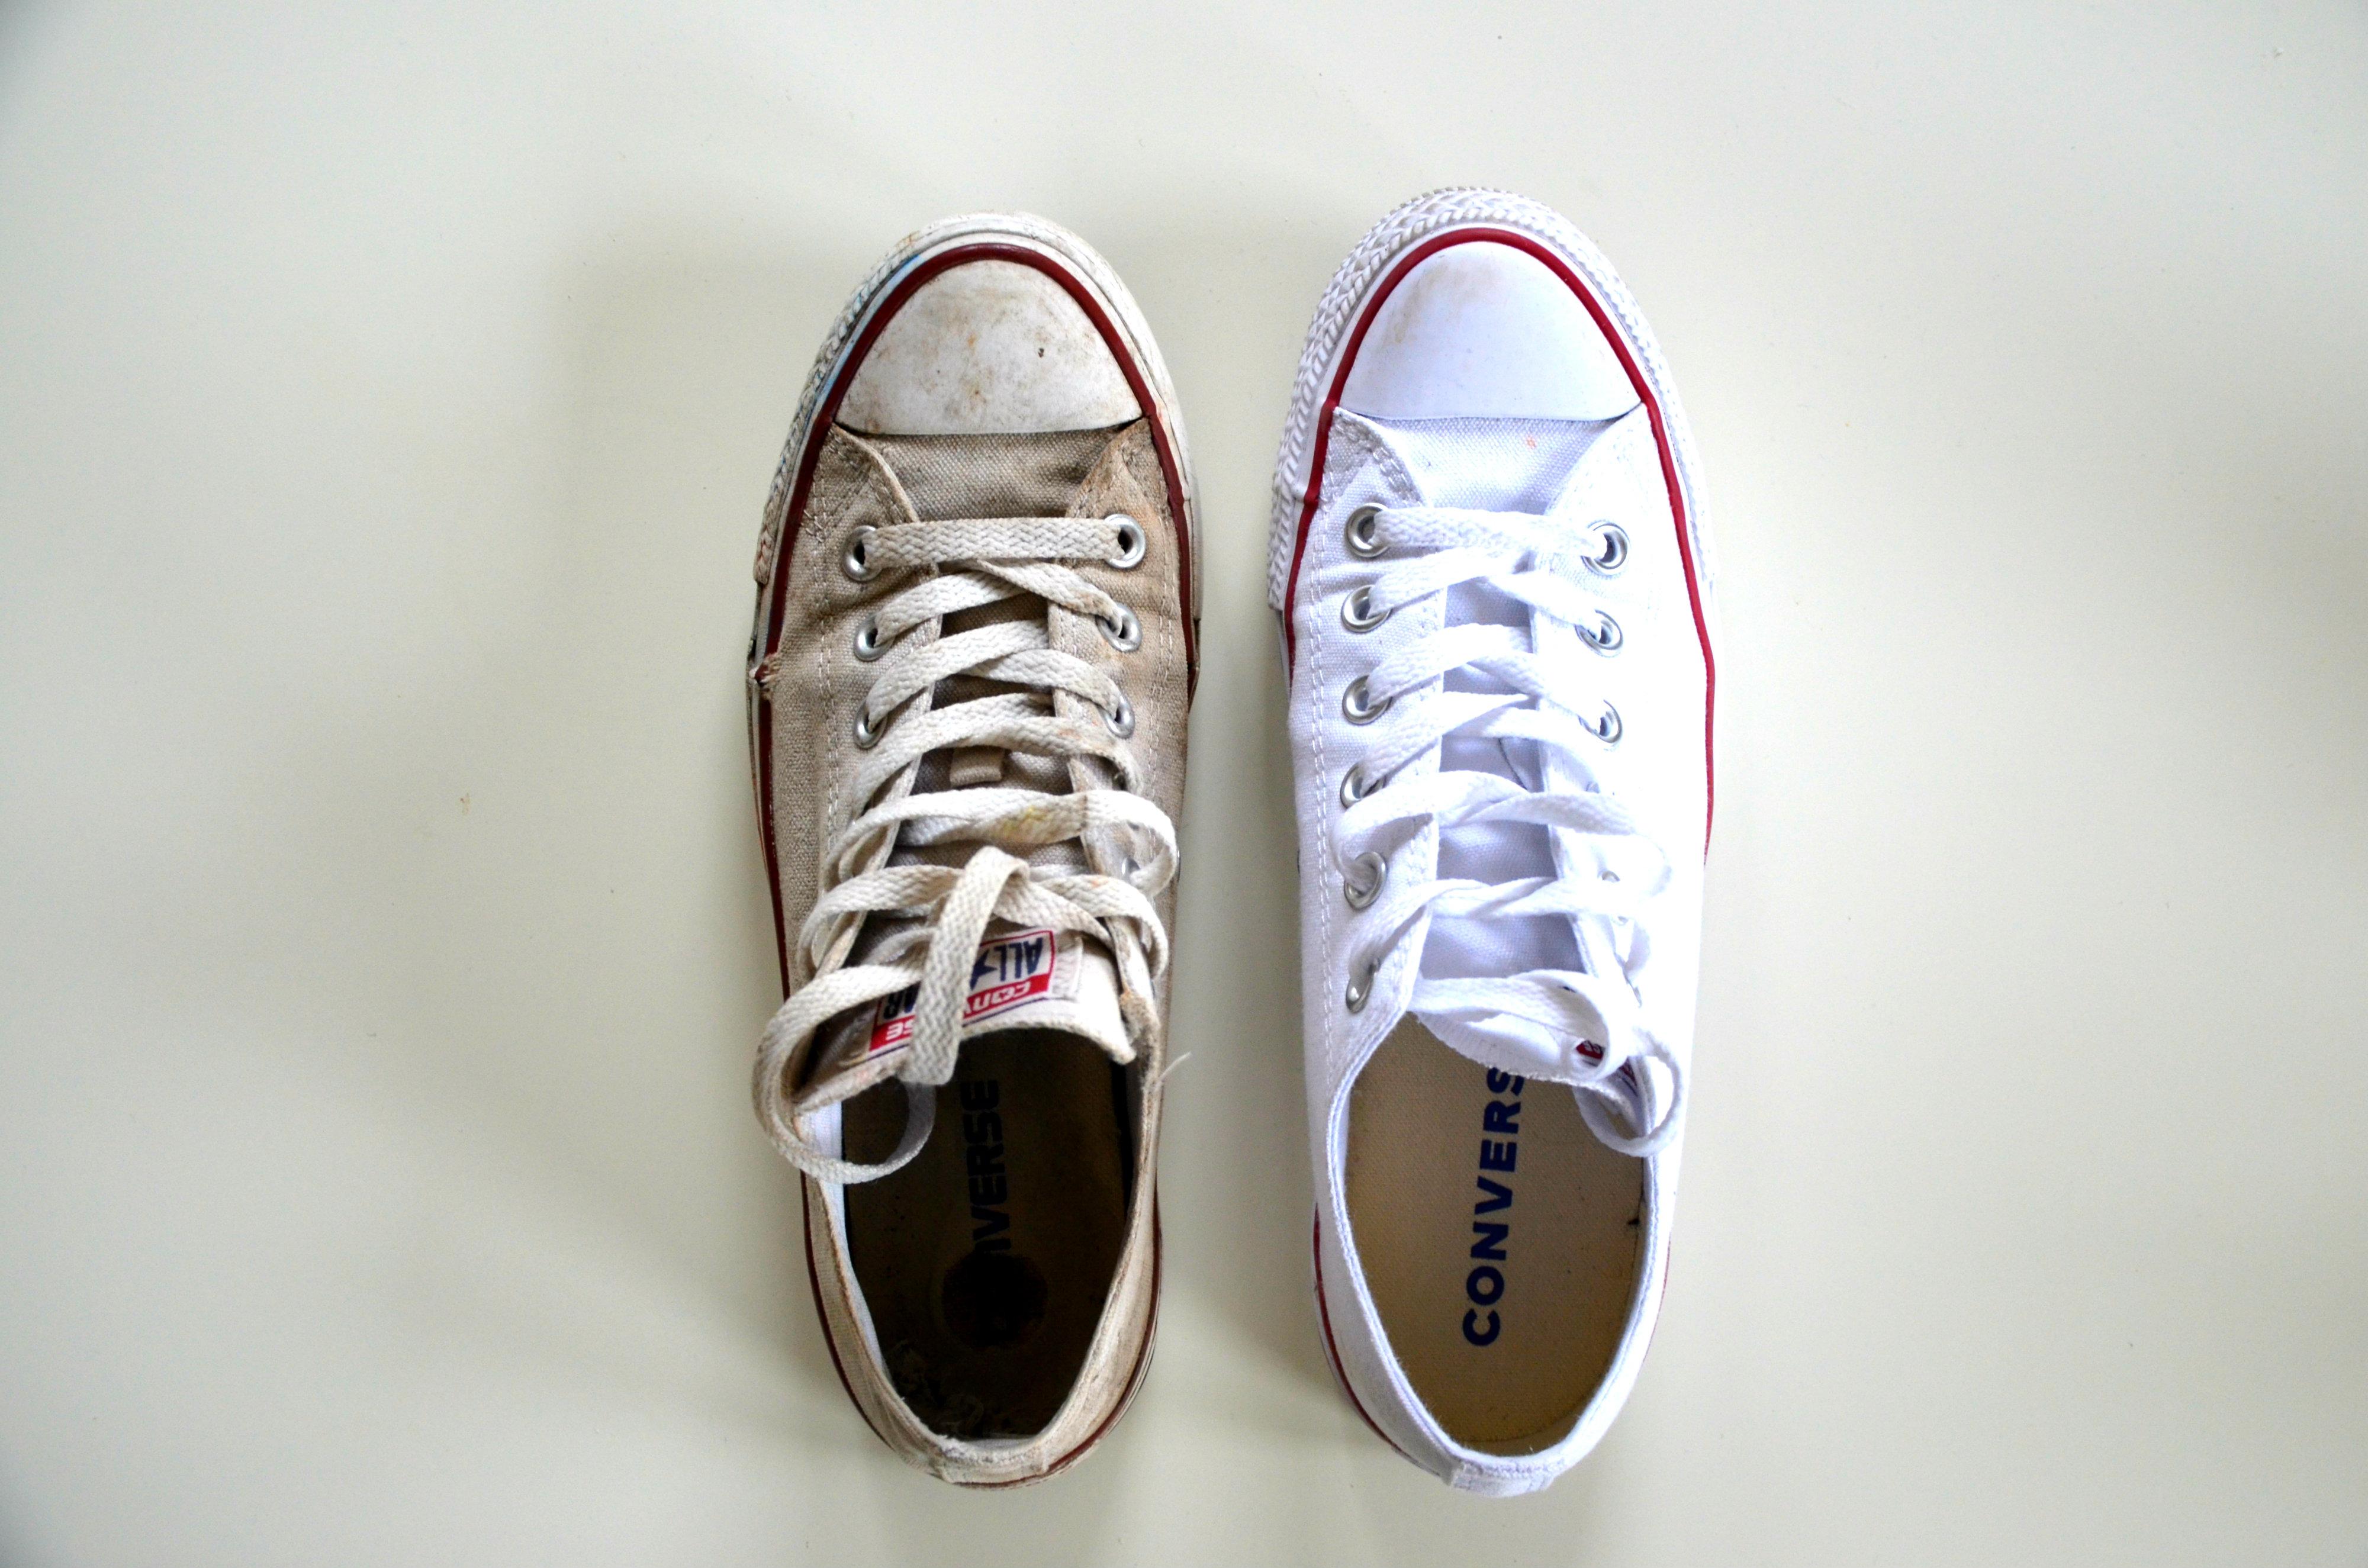 converse weer wit krijgen